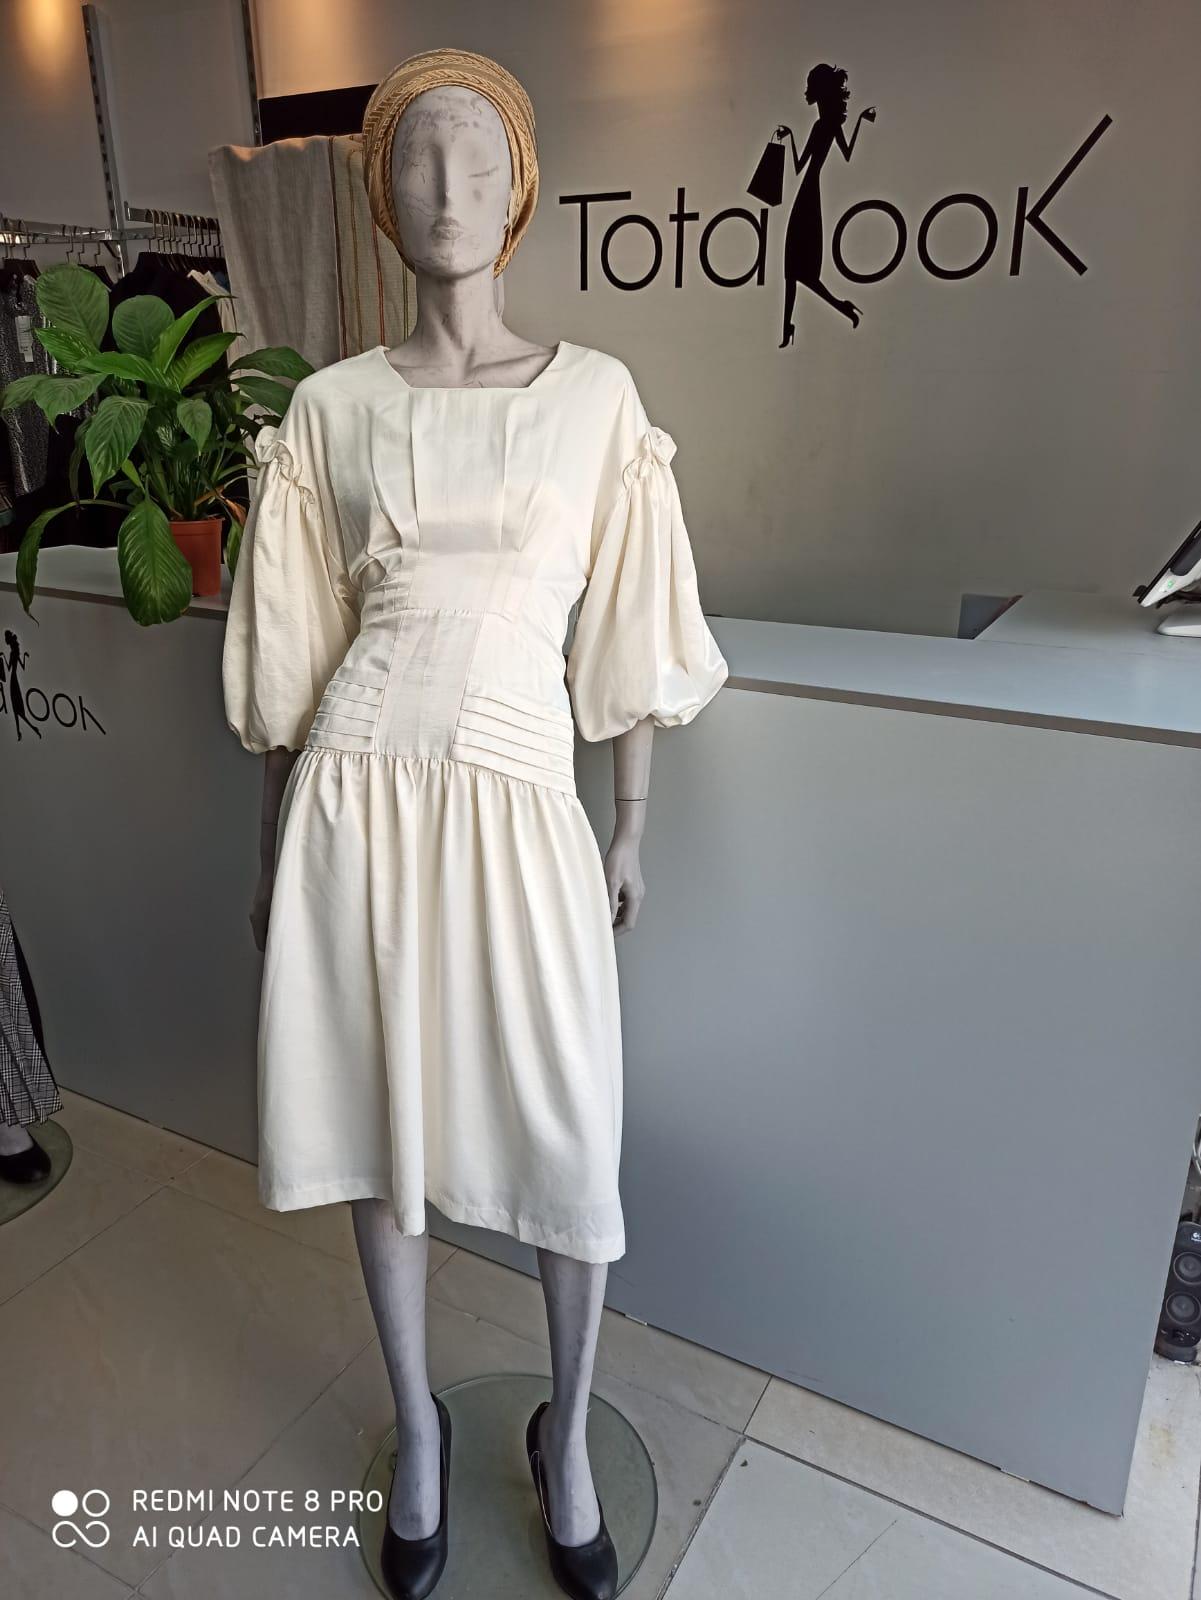 שמלת אמבר אופייט